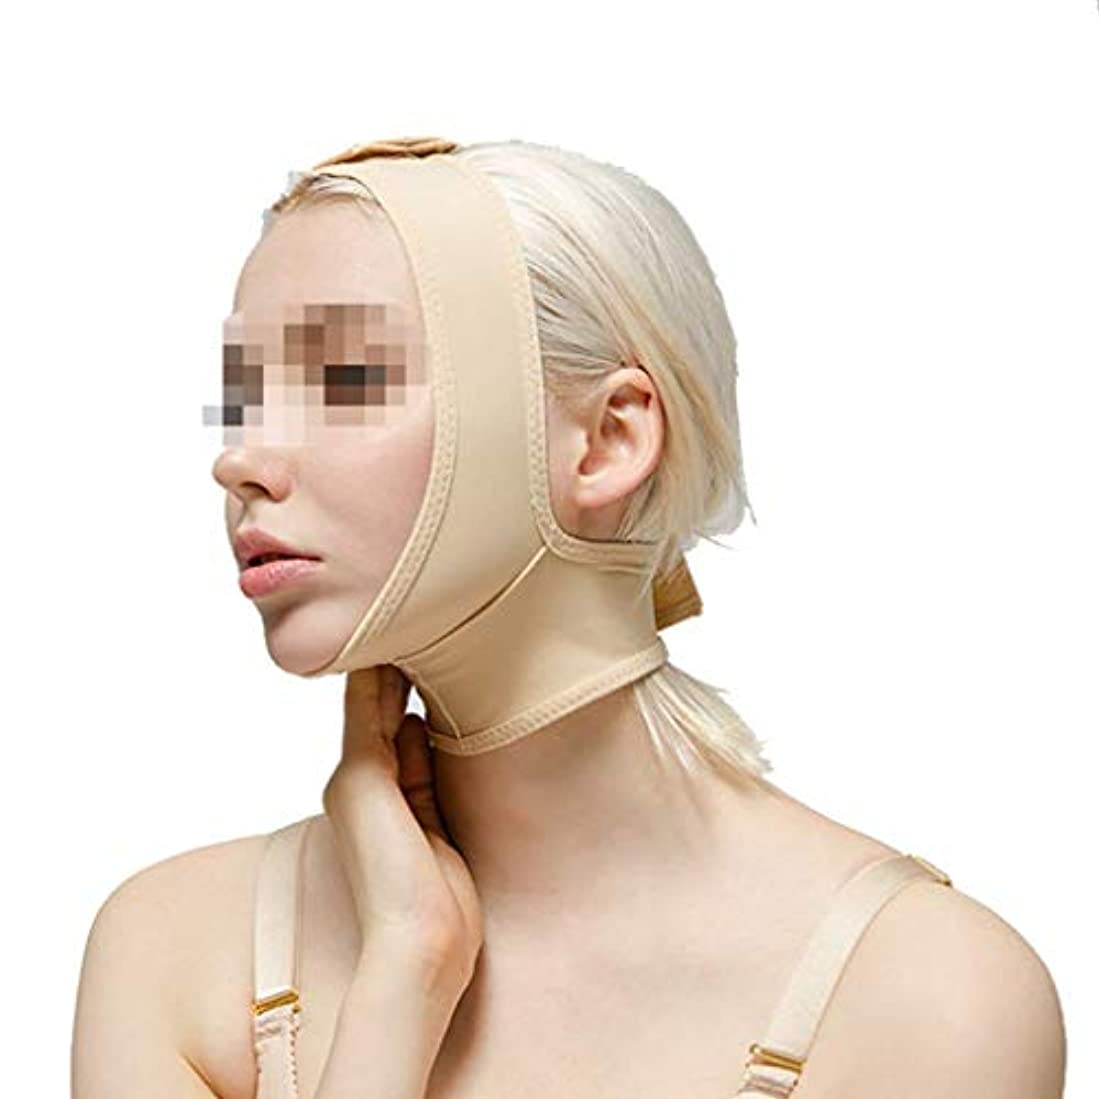 姉妹チューインガムスピン術後伸縮性スリーブ、下顎束フェイスバンデージフェイシャルビームダブルチンシンフェイスマスクマルチサイズオプション(サイズ:L),M